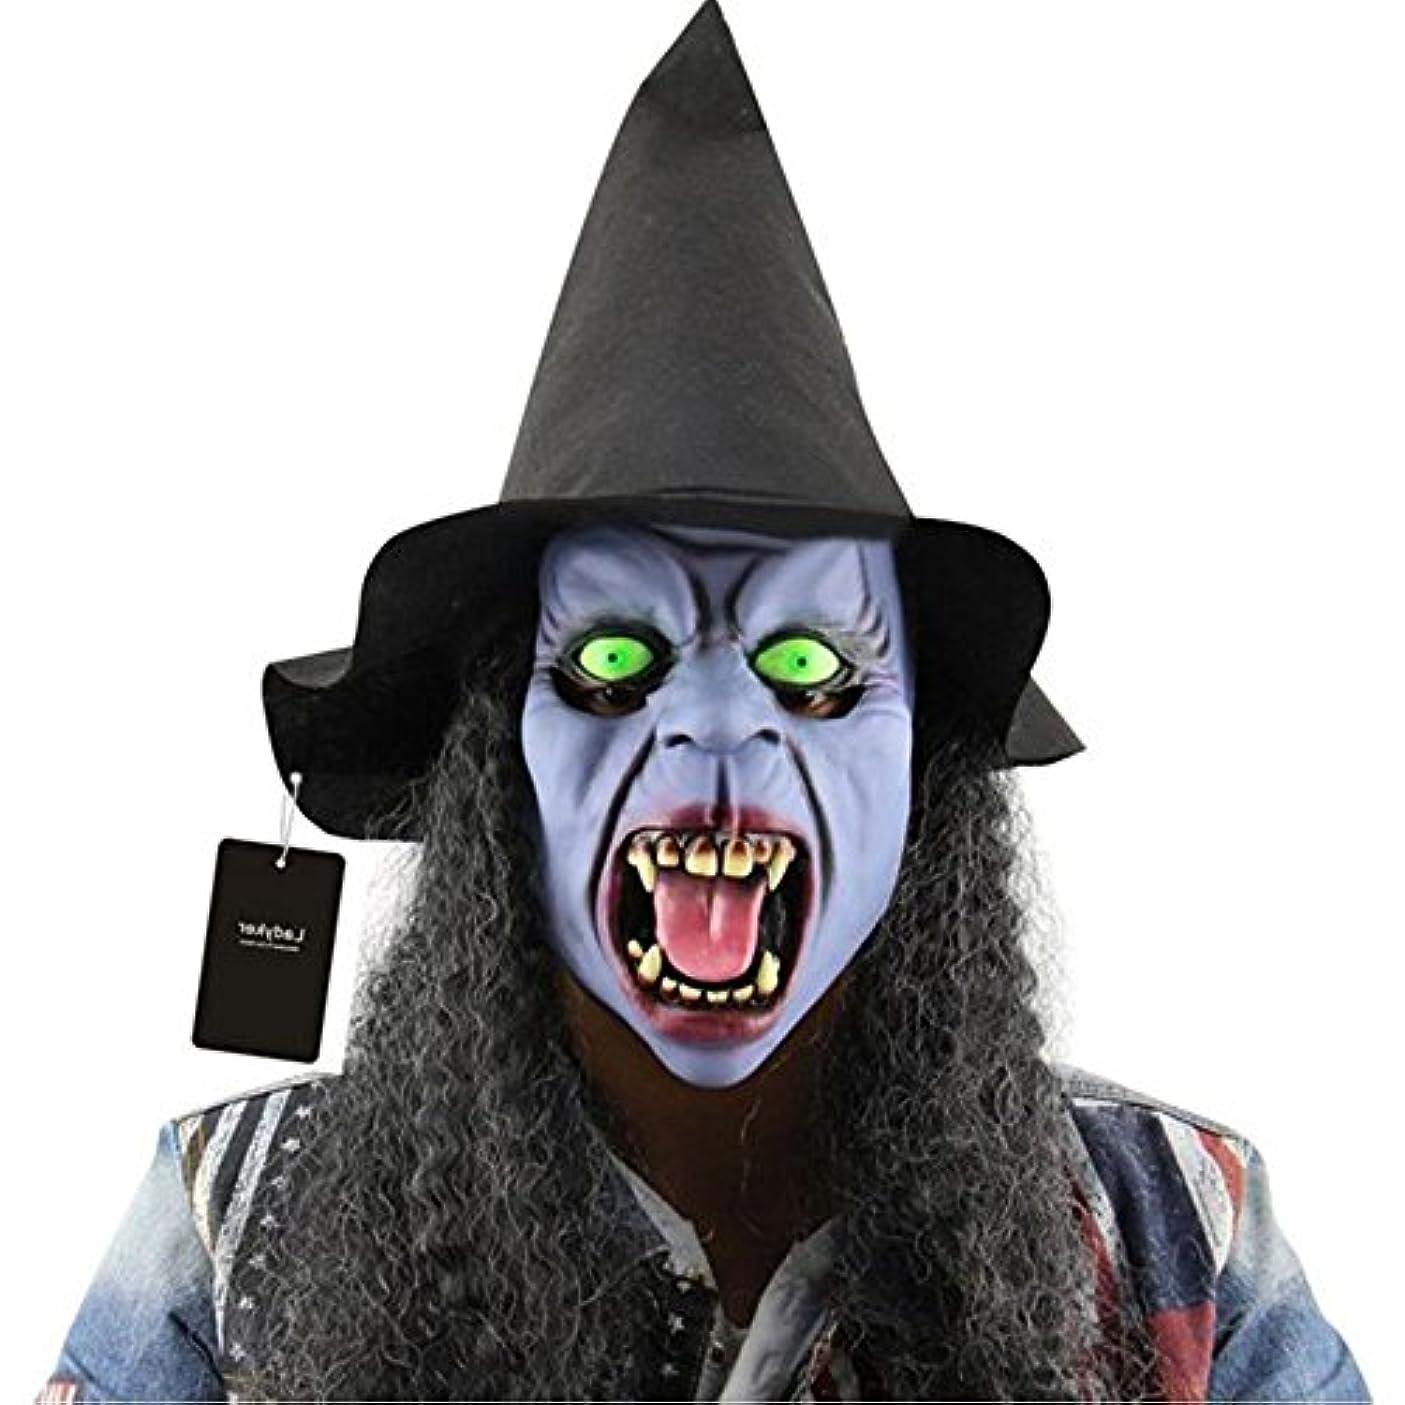 限定マーガレットミッチェルお誕生日Auntwhale ハロウィーンマスク大人恐怖コスチューム、ホラー夜の魔女ファンシーマスカレードパーティハロウィンマスク、フェスティバル通気性ギフトヘッドマスク